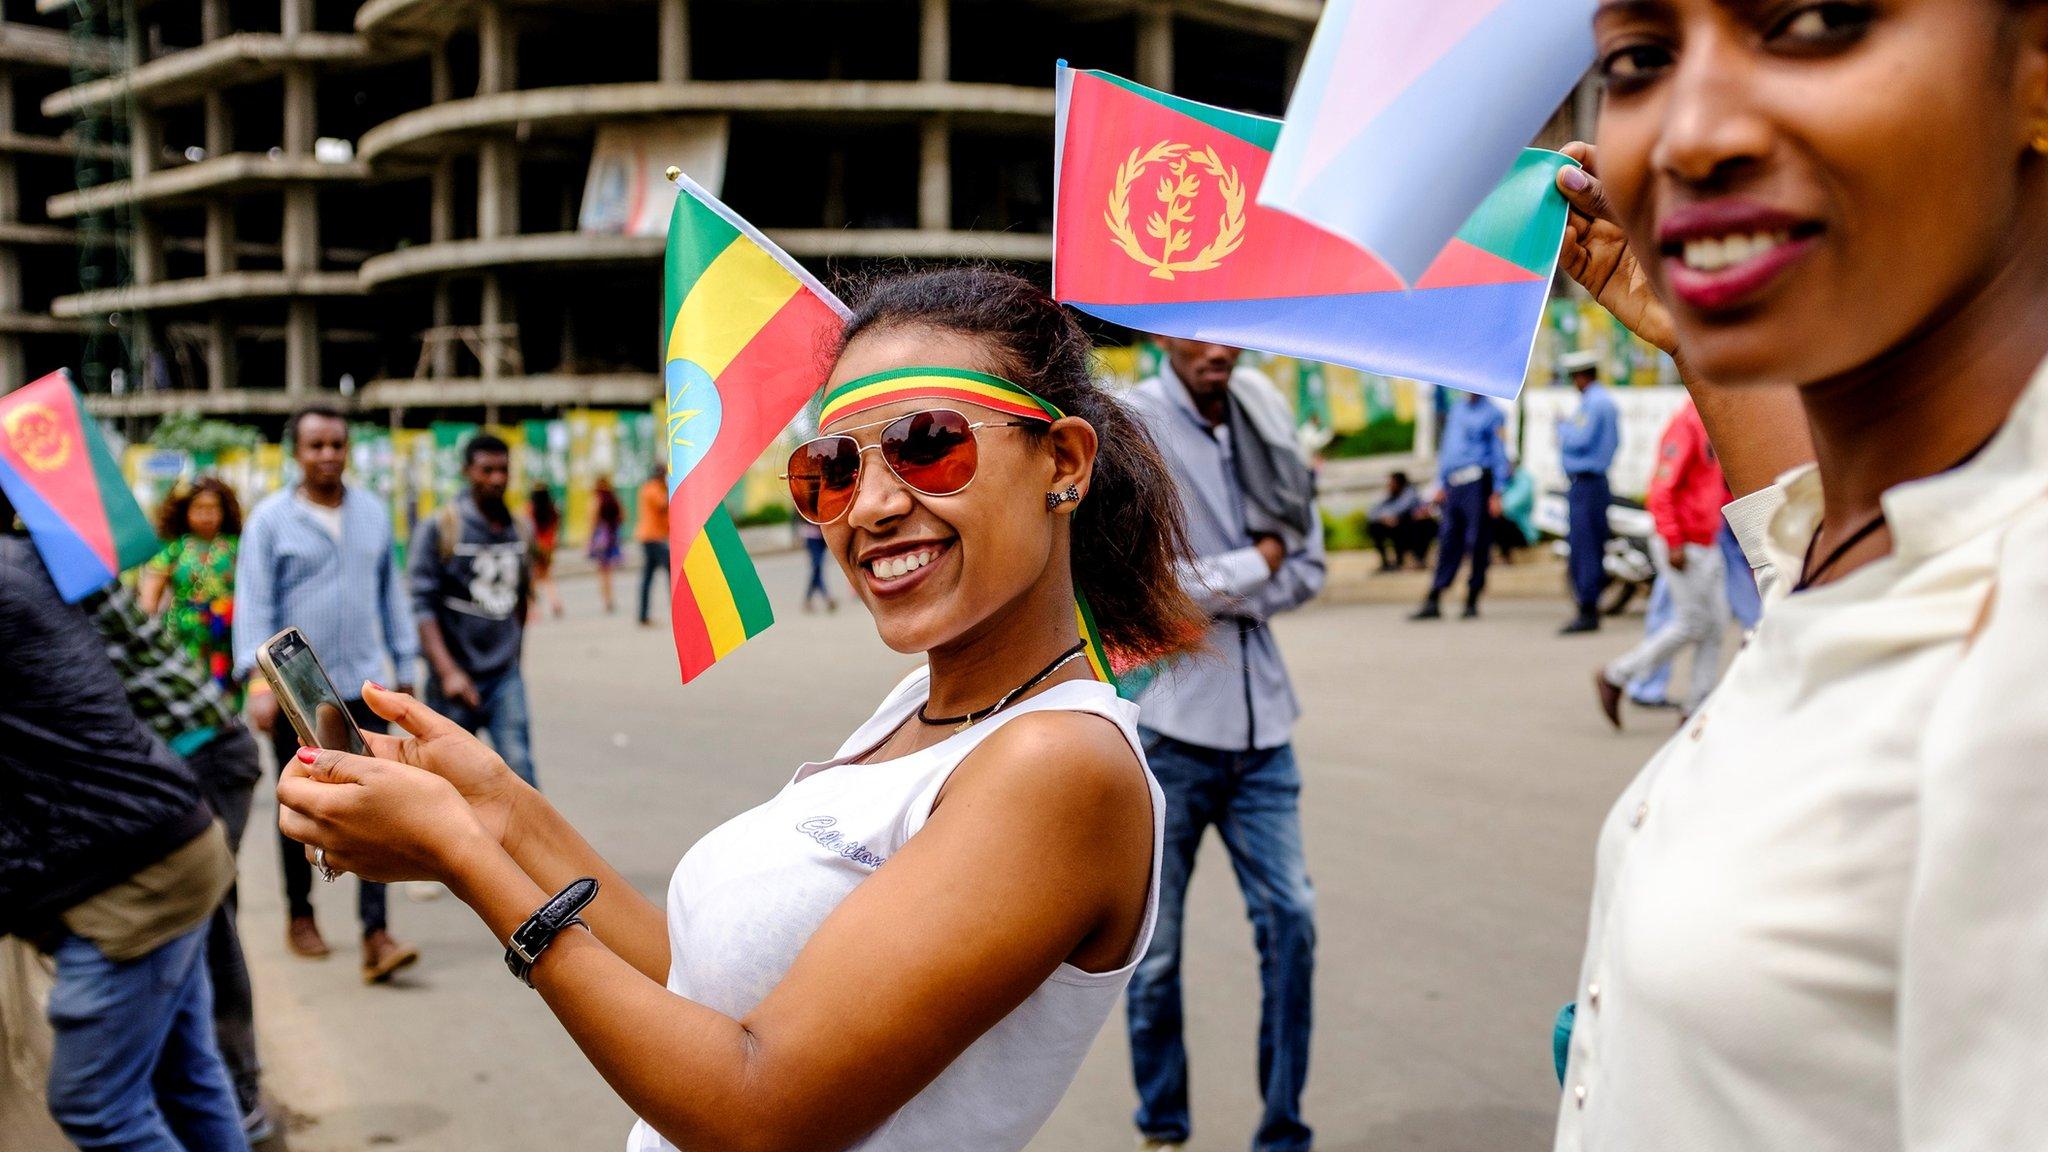 Eritrea's Isaias Afwerki in historic Ethiopia visit